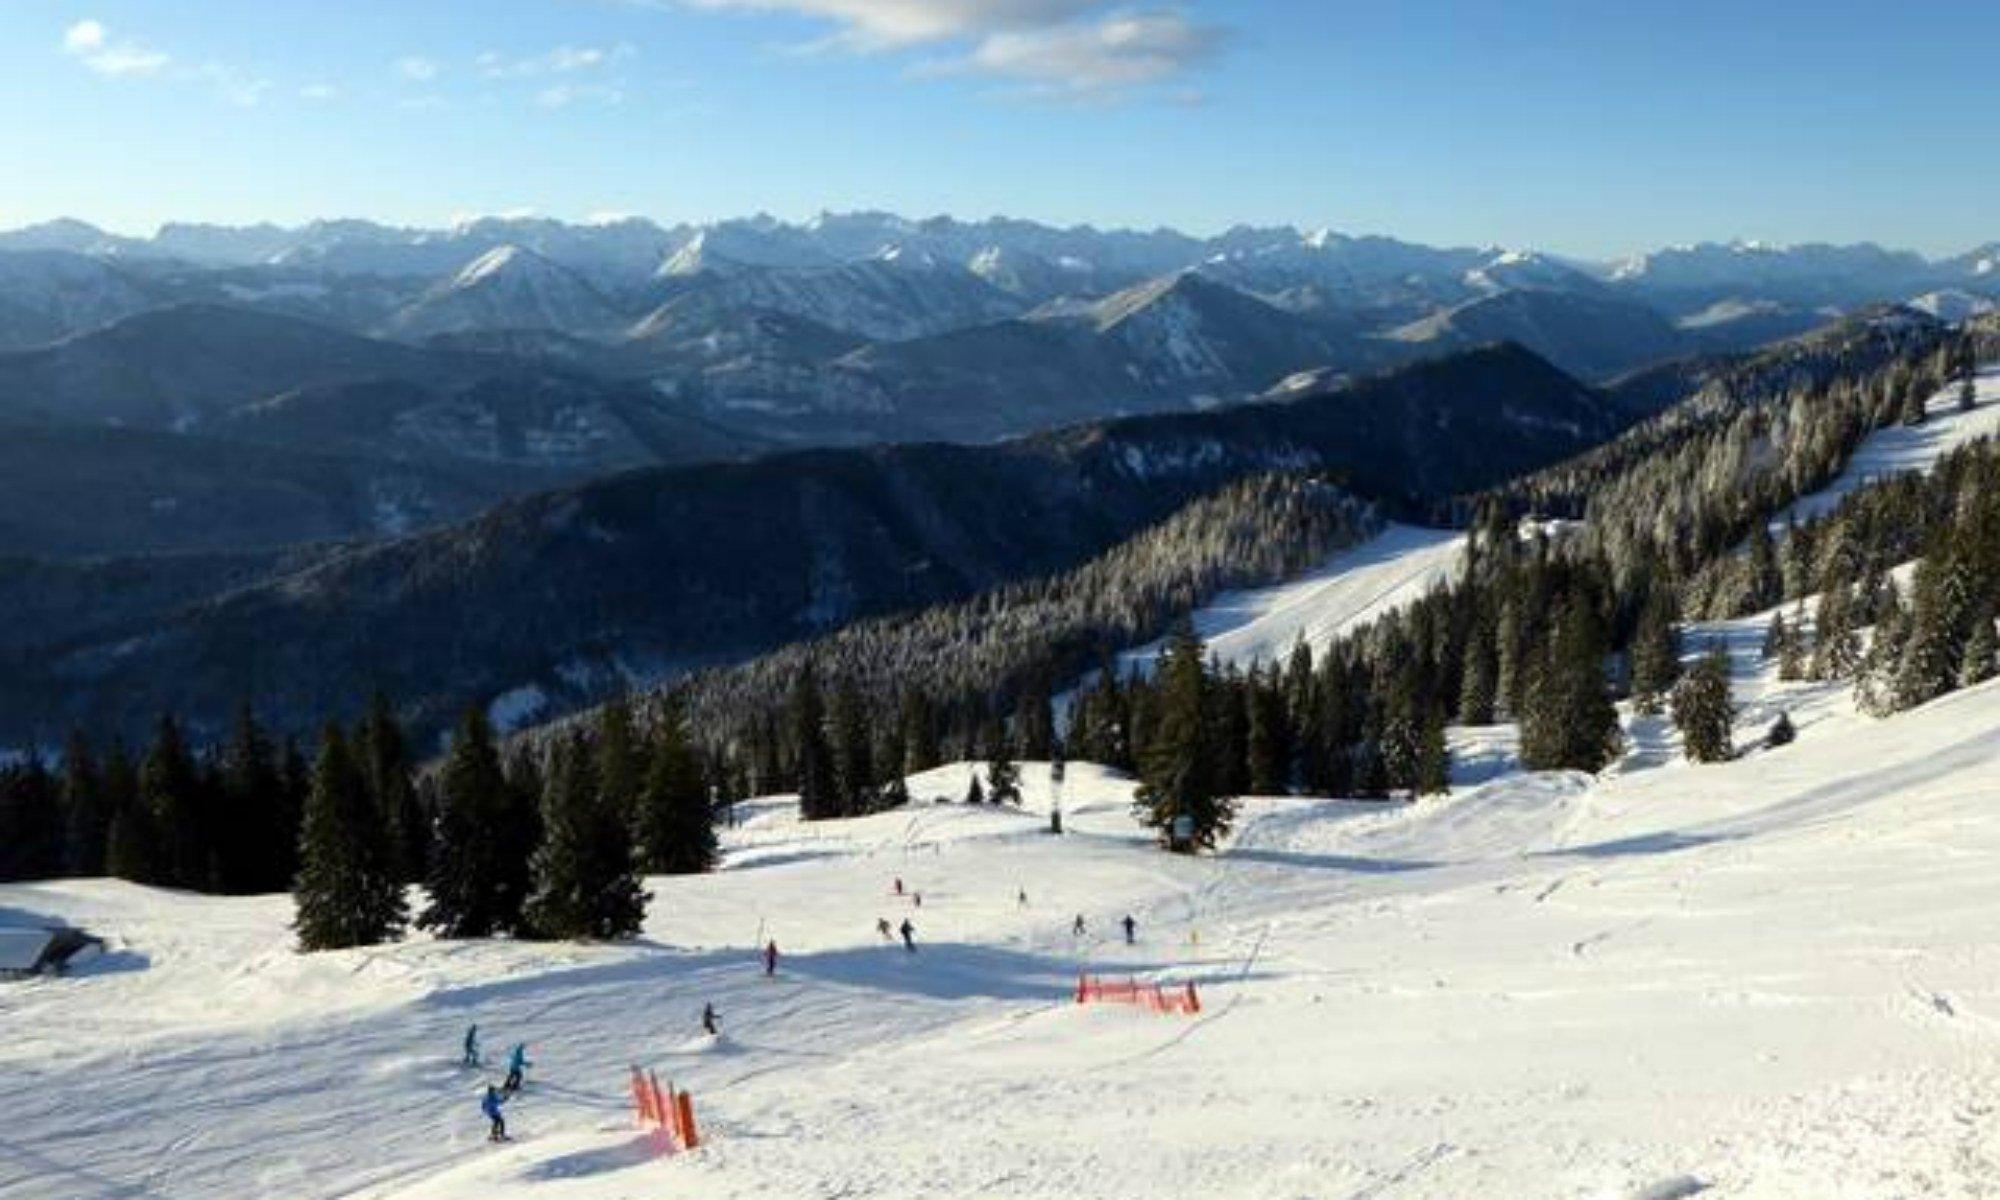 Bergpanorama der nördlichen Alpen vom Skigebiet Brauneck aus betrachtet.